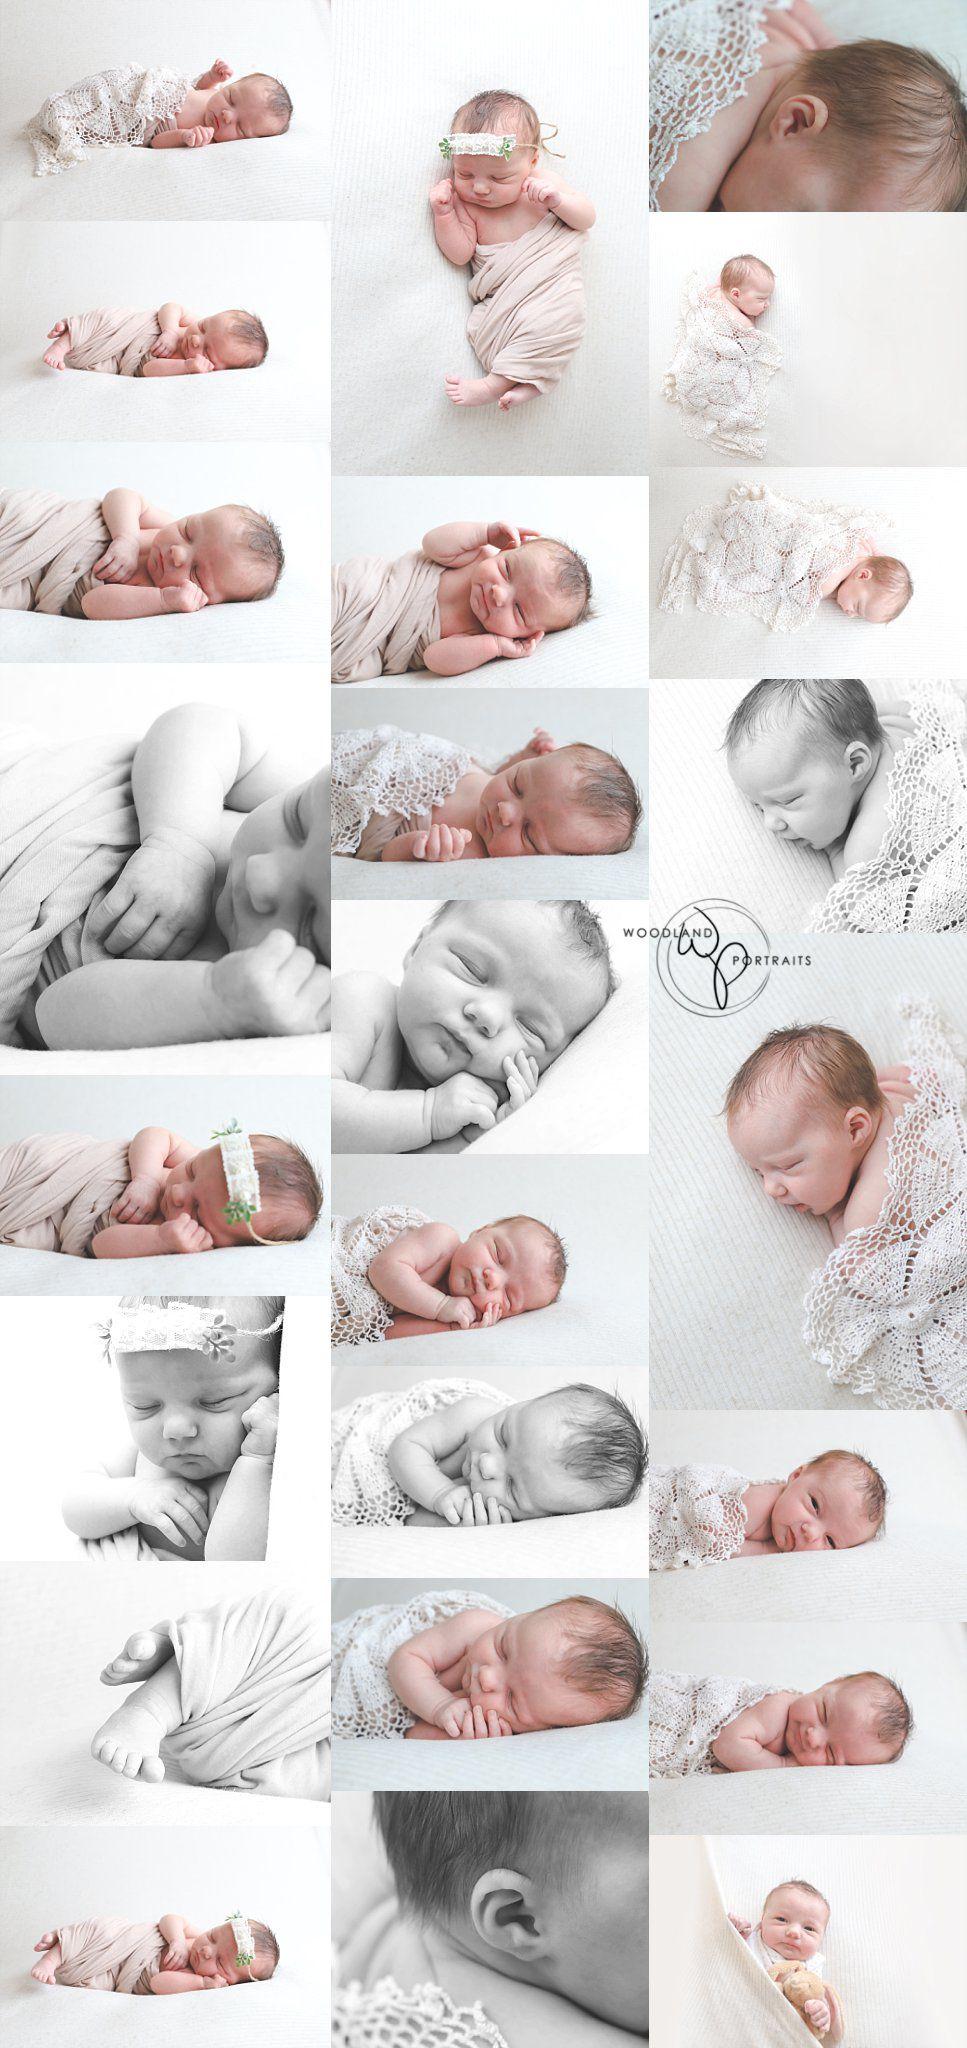 Baby Love Photo Newborn Photography